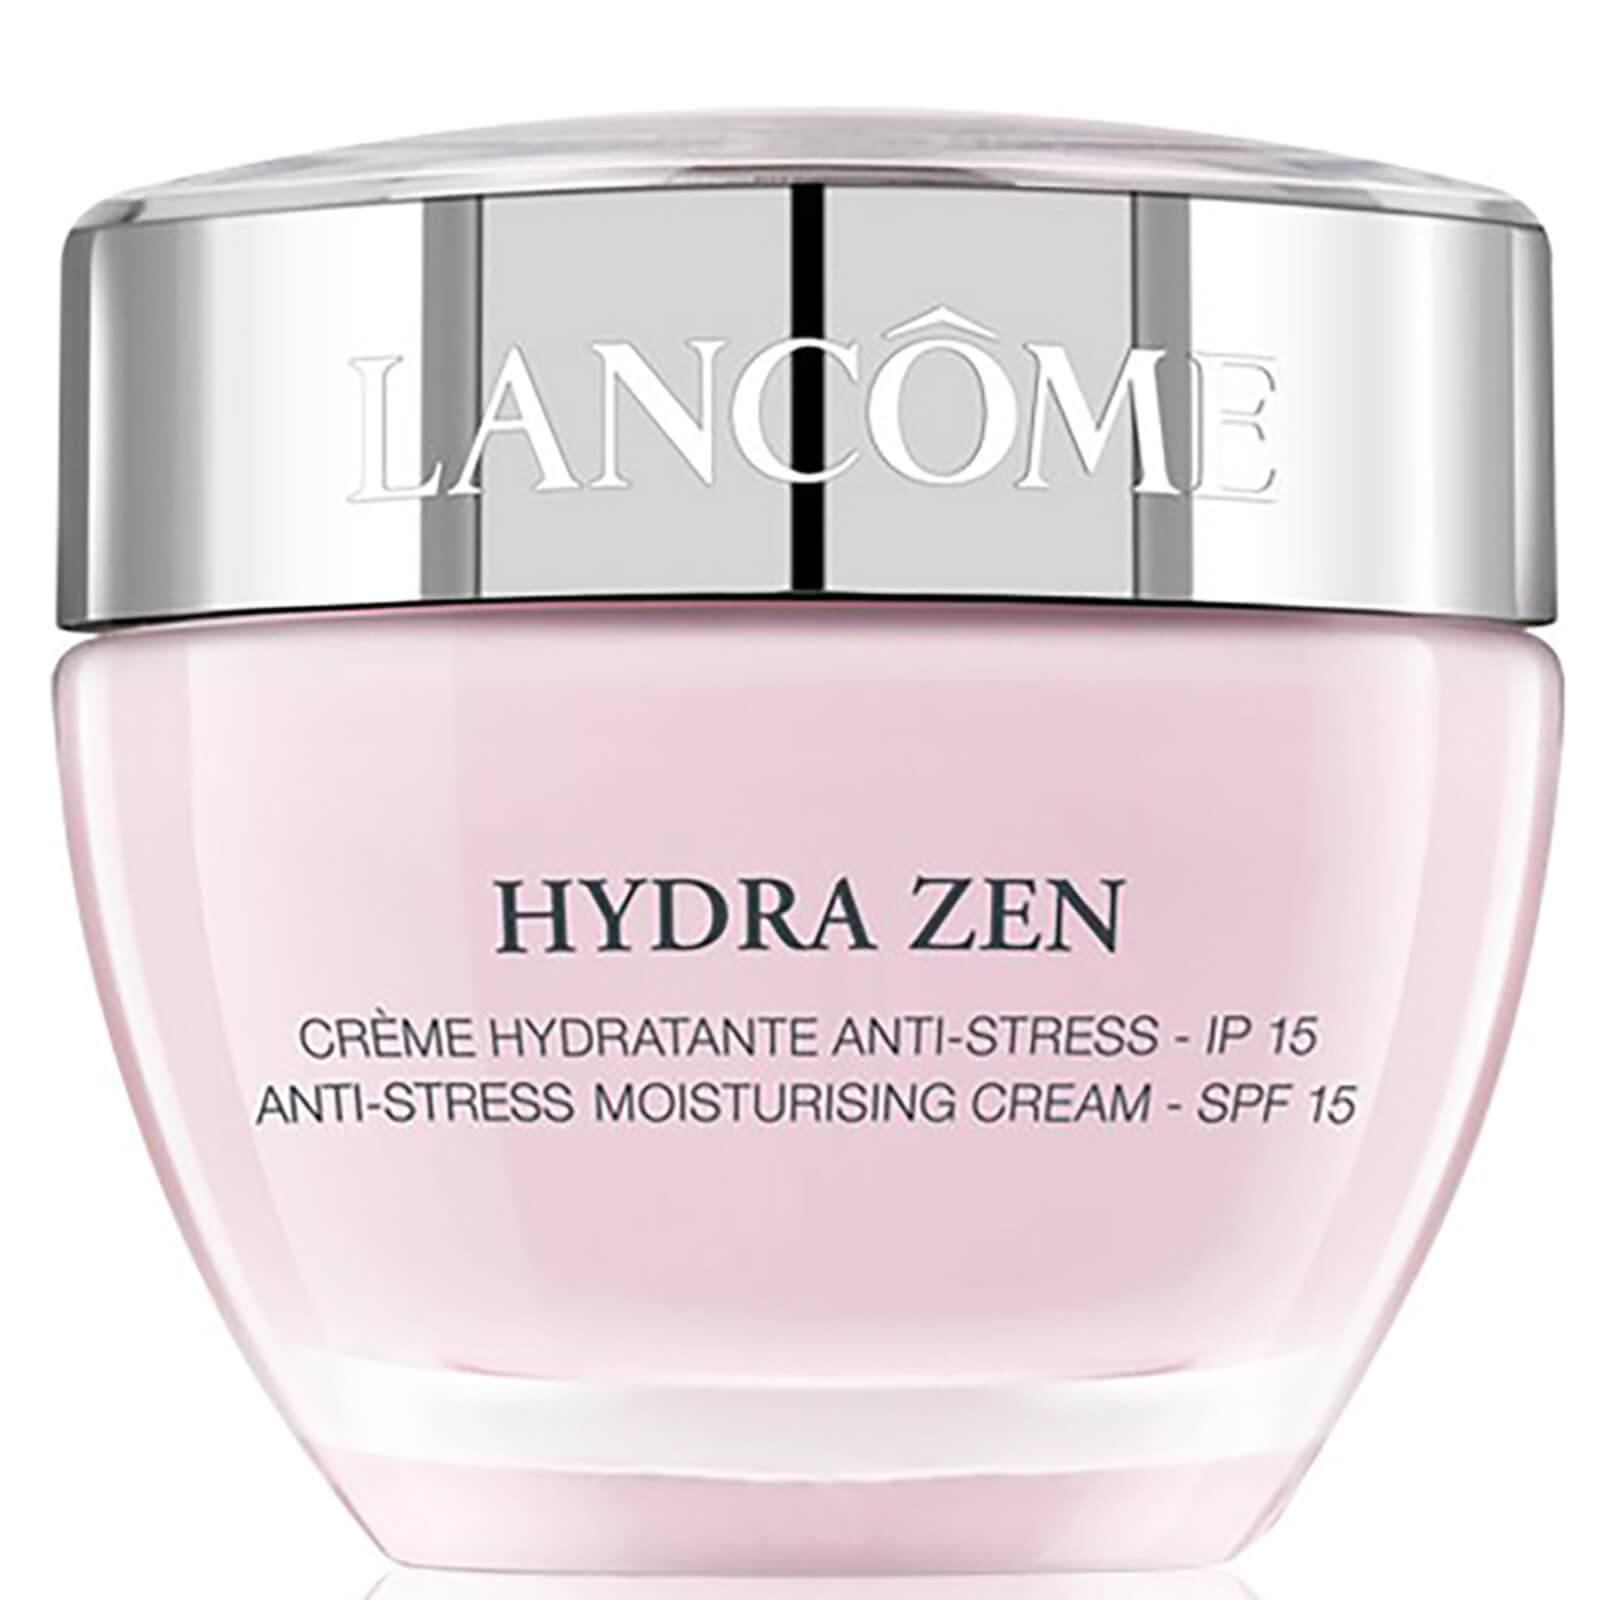 Lancôme Hydra Zen SPF15 crème de jour apaisante et hydratante (50ml)